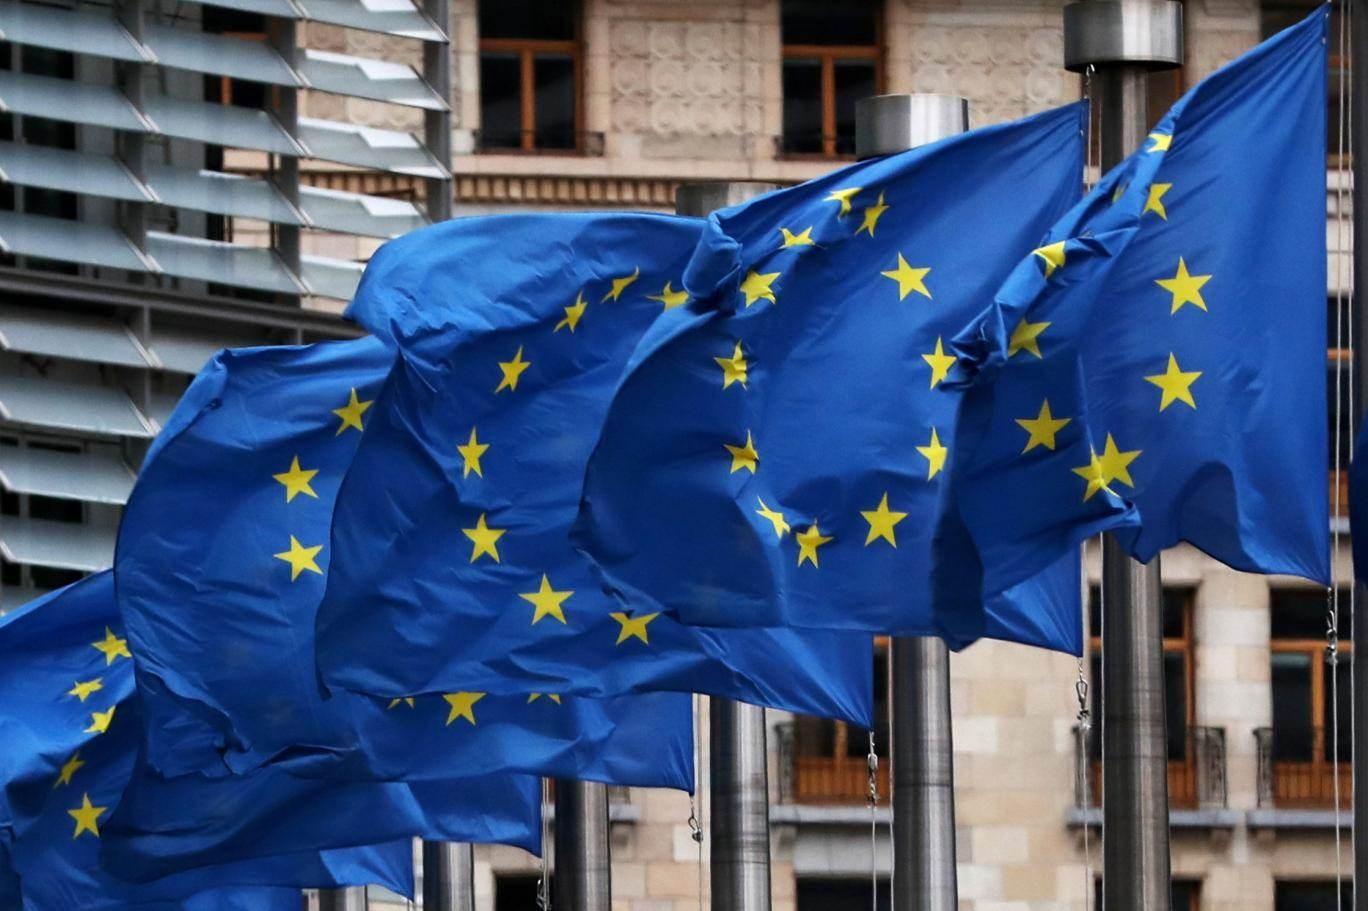 بعد ضغوط.. المفوضية الأوروبية تستبعد السعودية من قائمتها السوداء